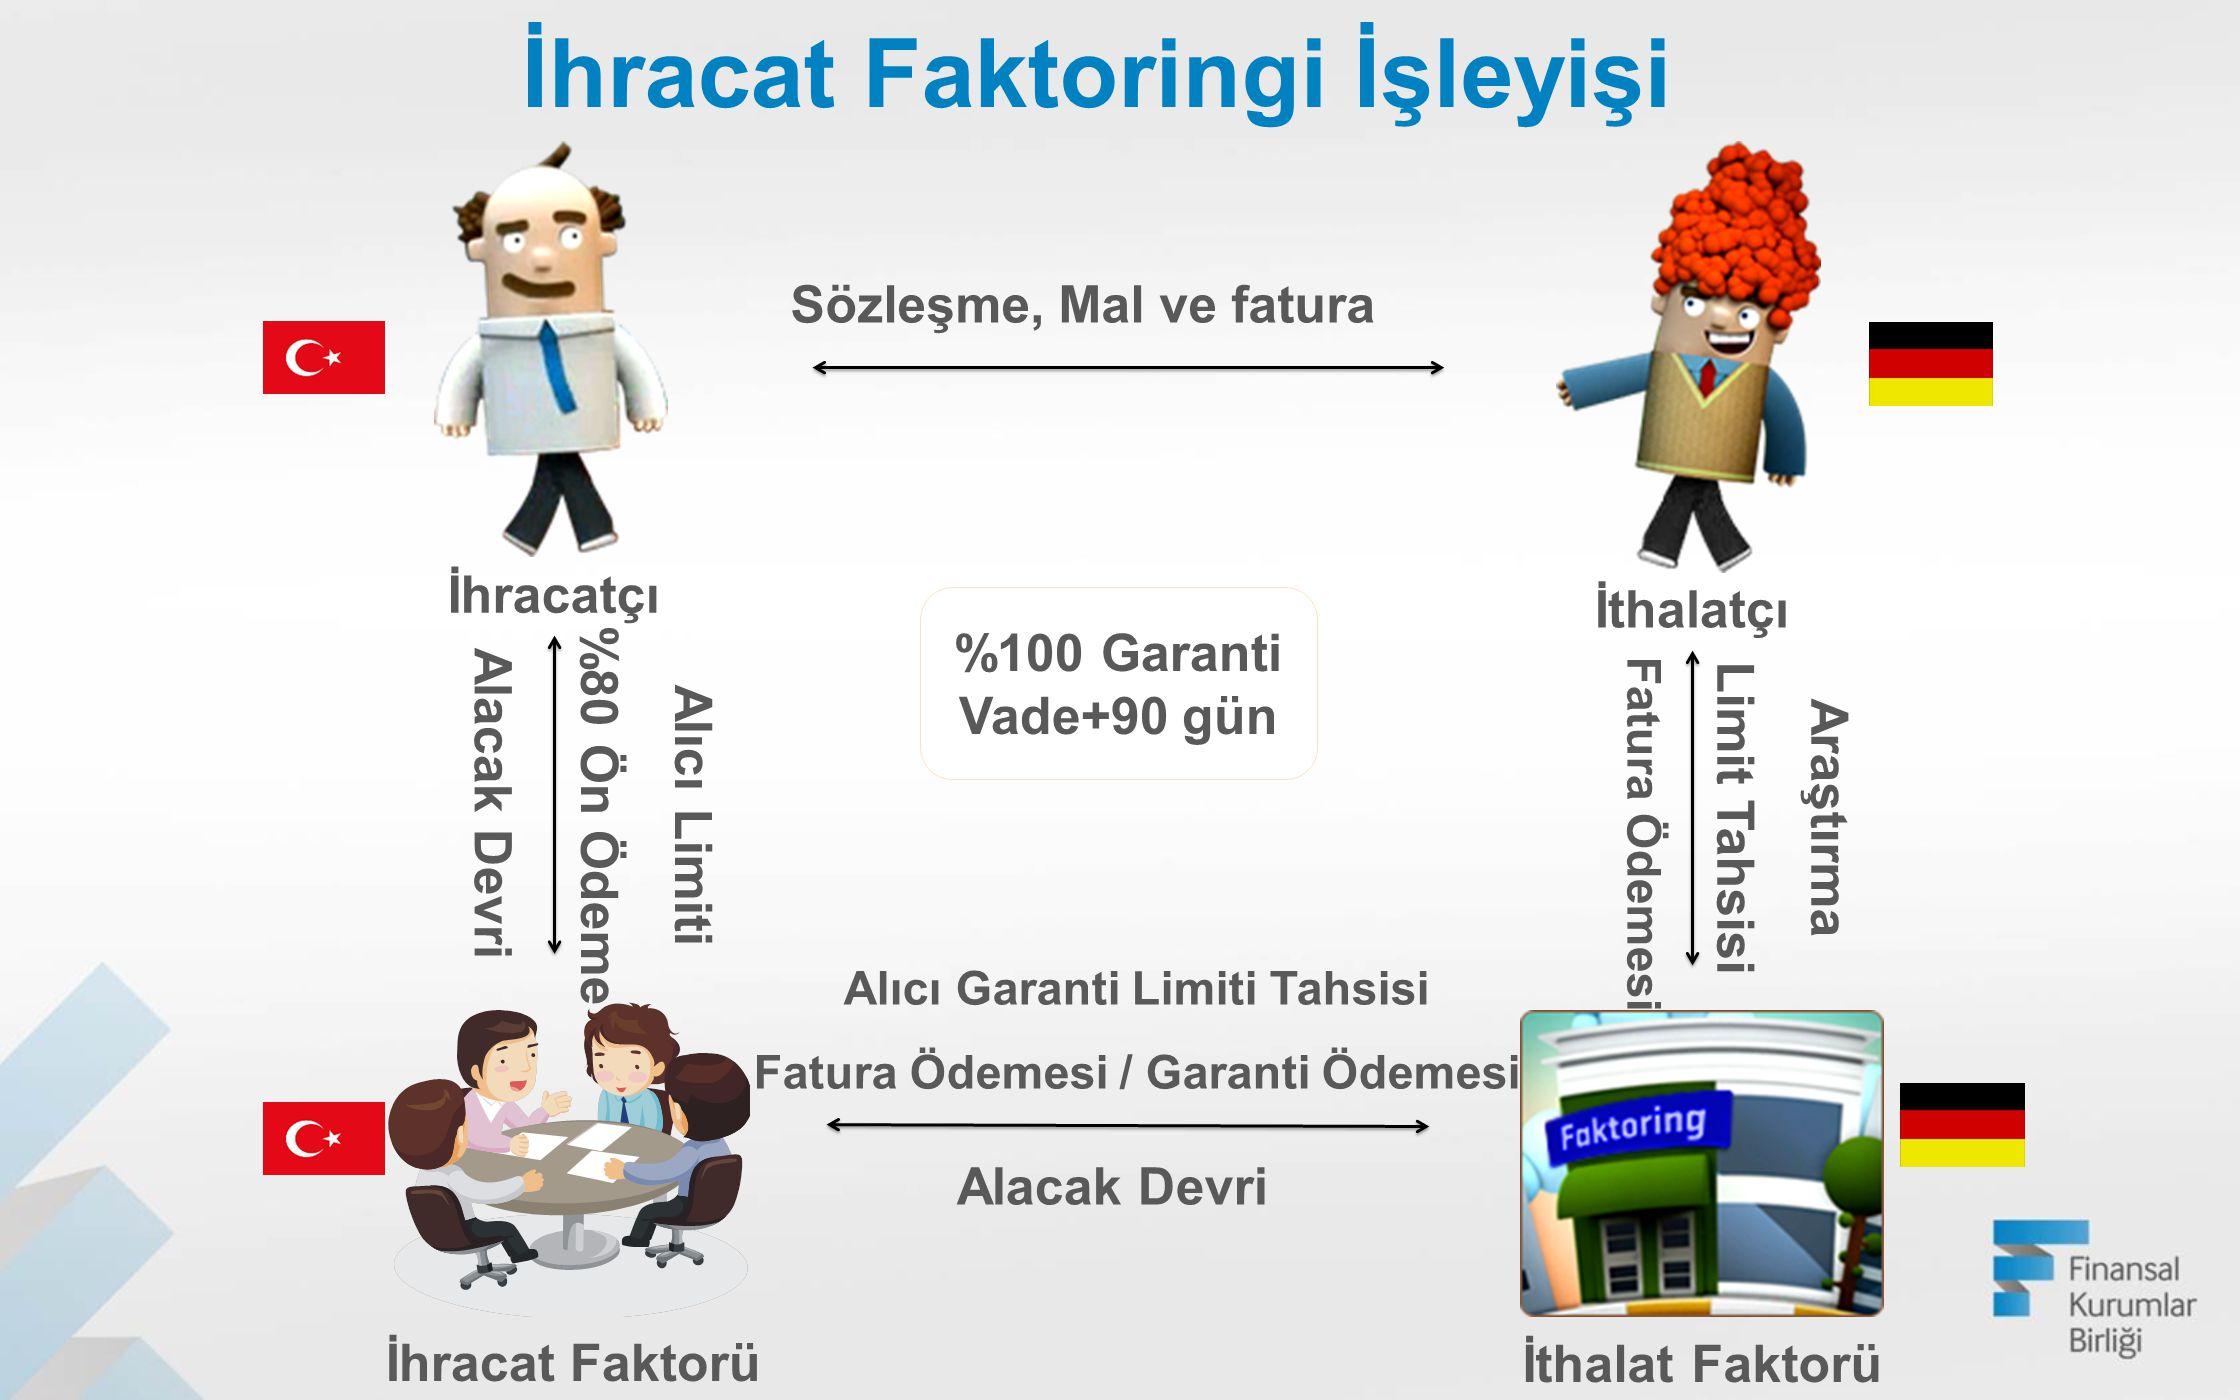 Müşteri Sayısı:100.000 Borçlu Sayısı:600.000 Çalışan Sayısı:5.000 Finansman Tutarı:25 milyar TL 116 milyar TL'lik ticarete aracılık ediyoruz.